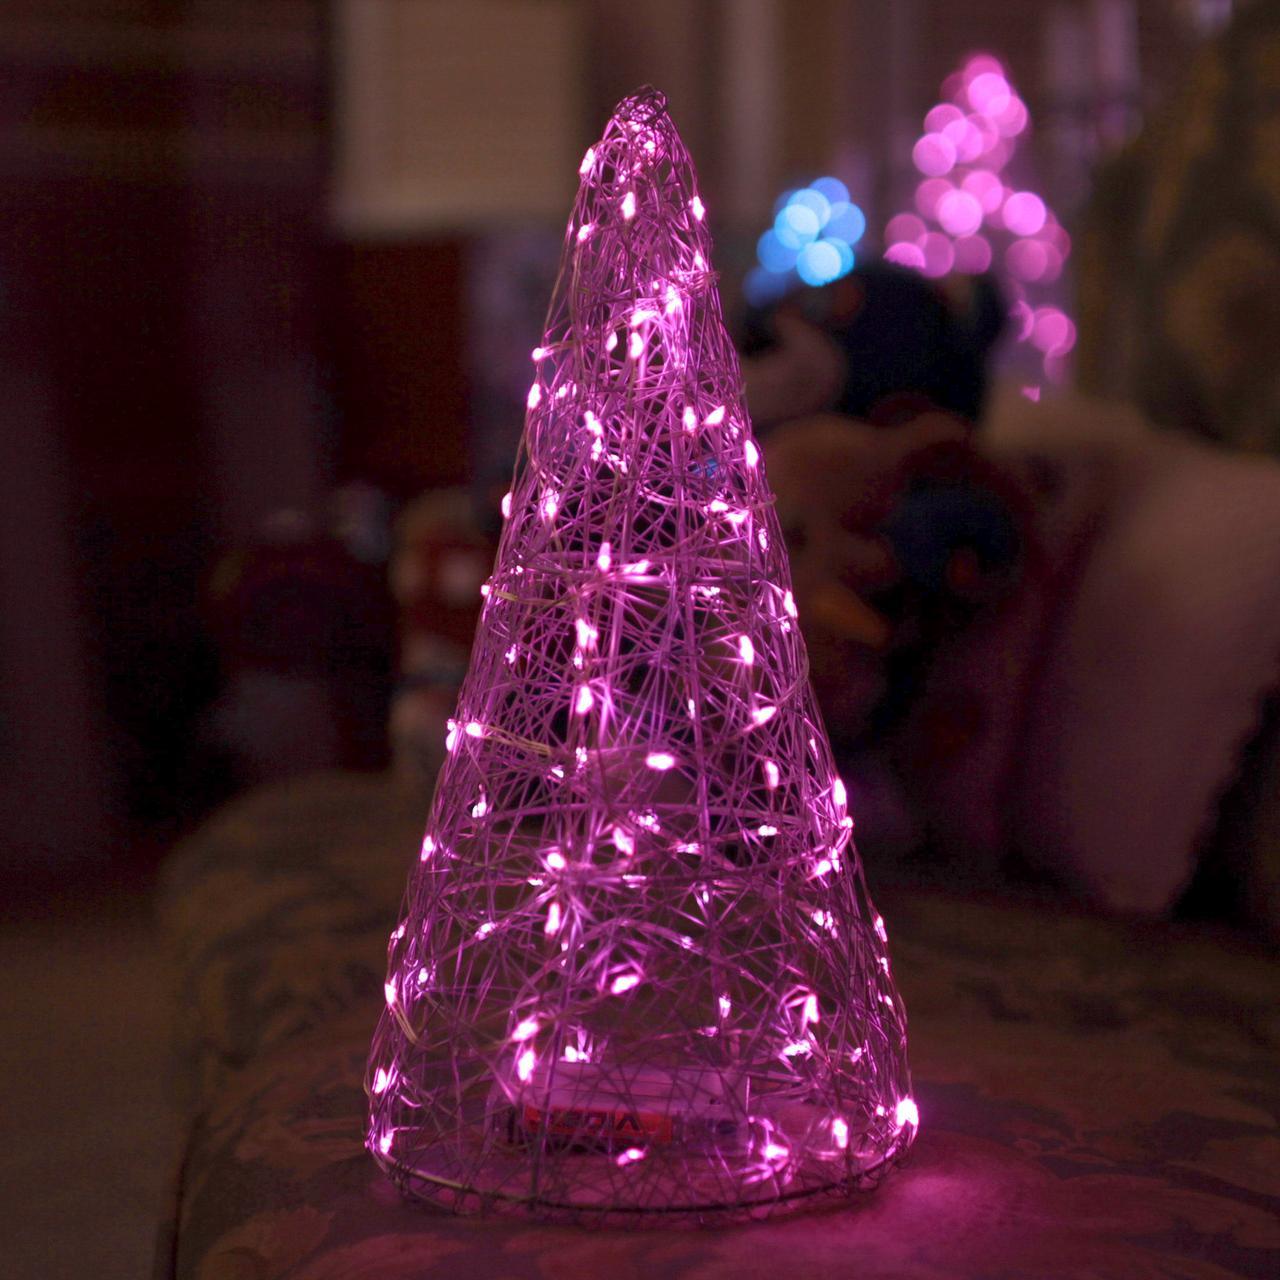 Декор Елка ЛОФТ Новогодняя Рождественская Ель с LED Гирляндой На Батарейках Или От USB 32х16см SilverMultiLOFT